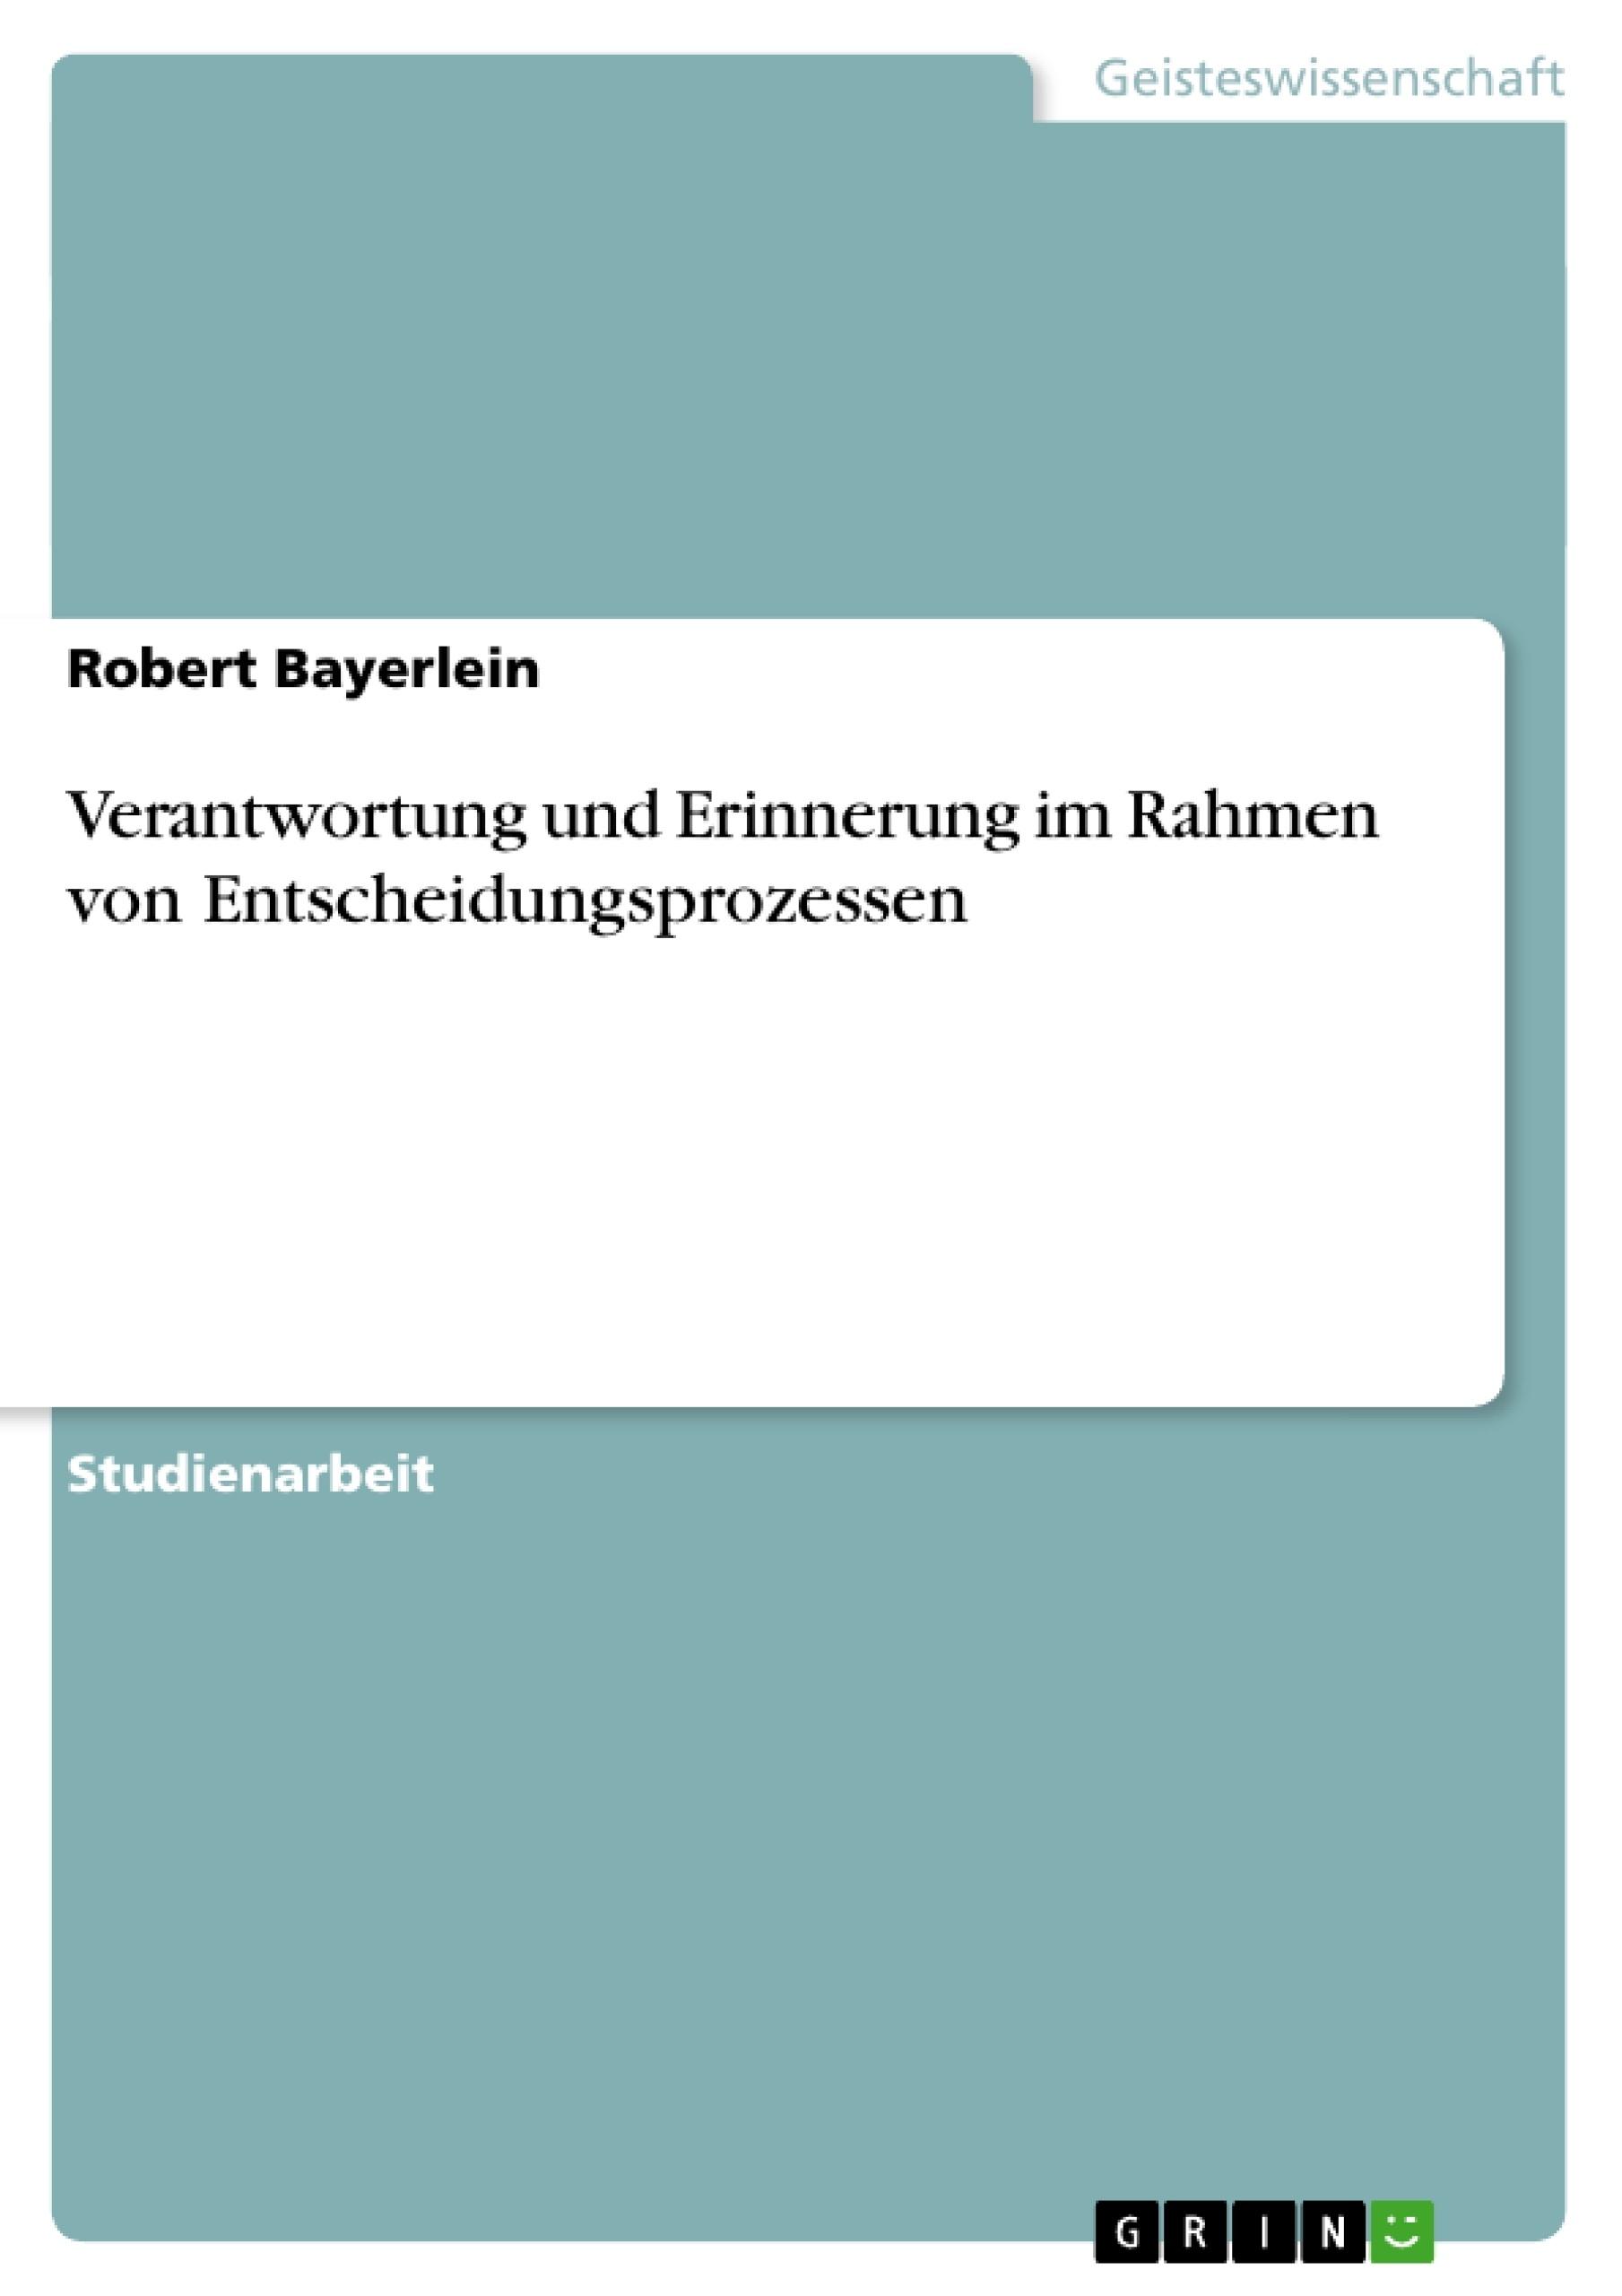 Titel: Verantwortung und Erinnerung im Rahmen von Entscheidungsprozessen